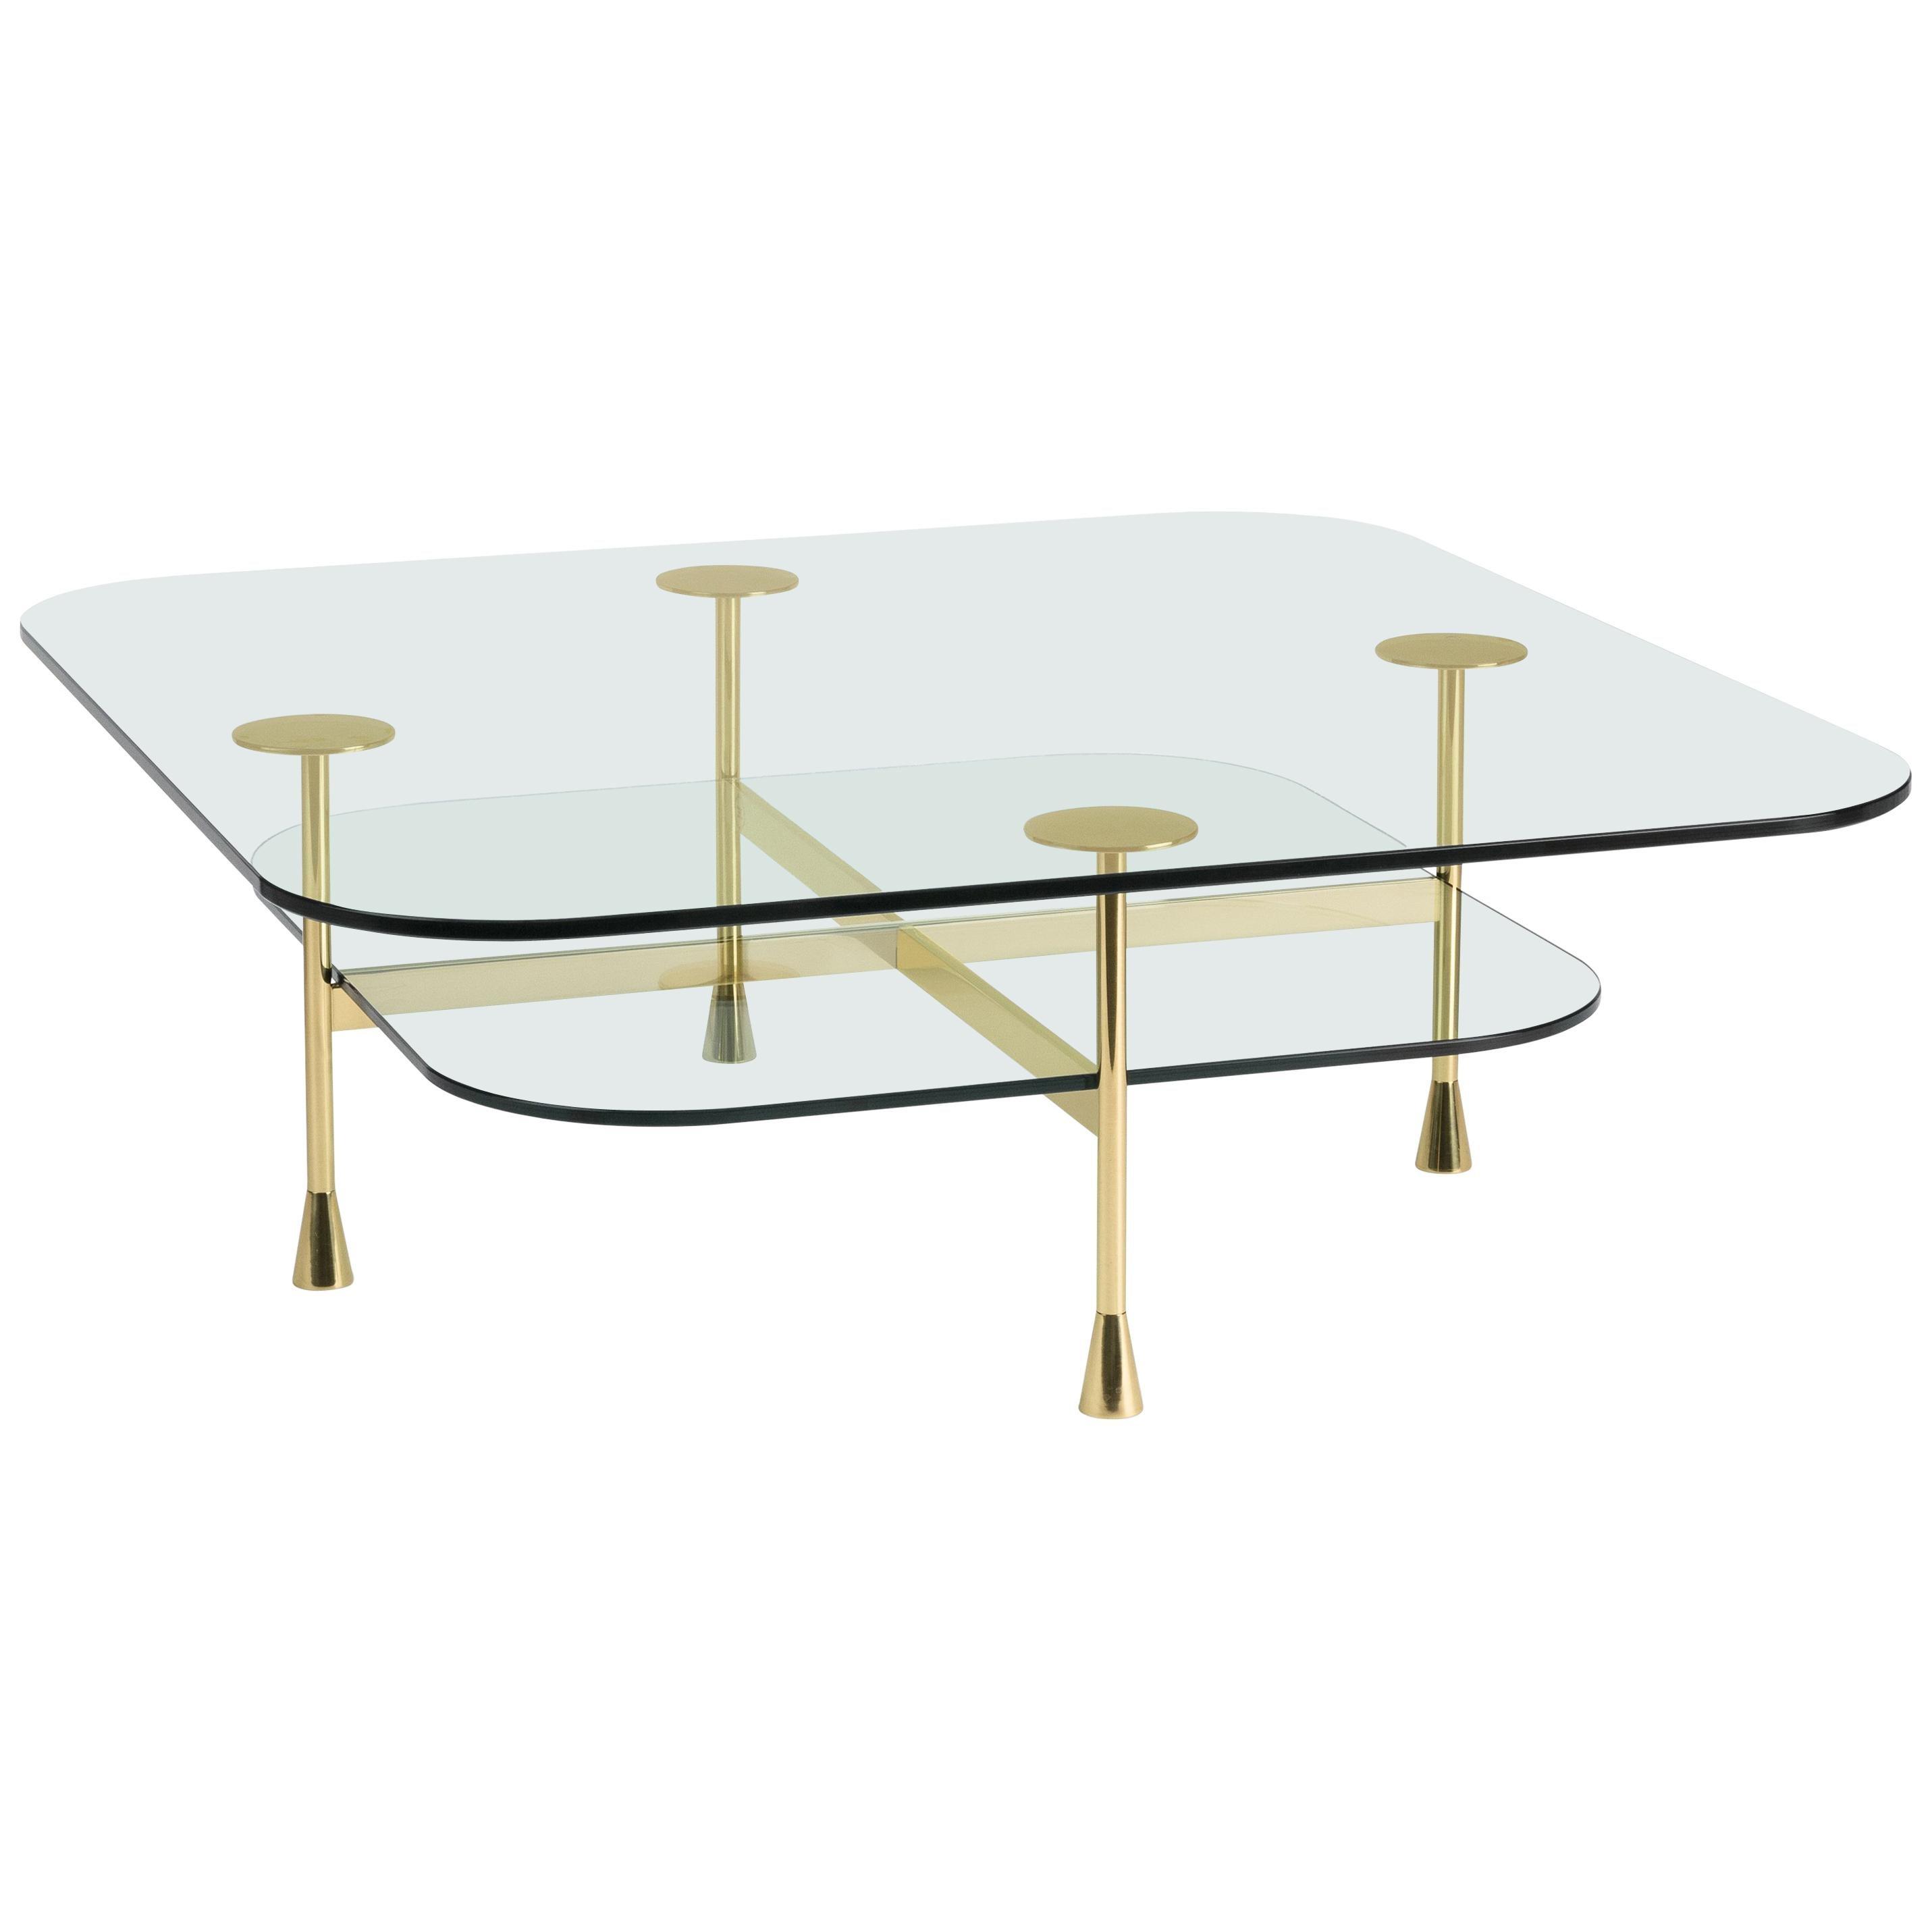 Ghidini 1961 Da Vinci Square Table in Crystal by Richard Hutten